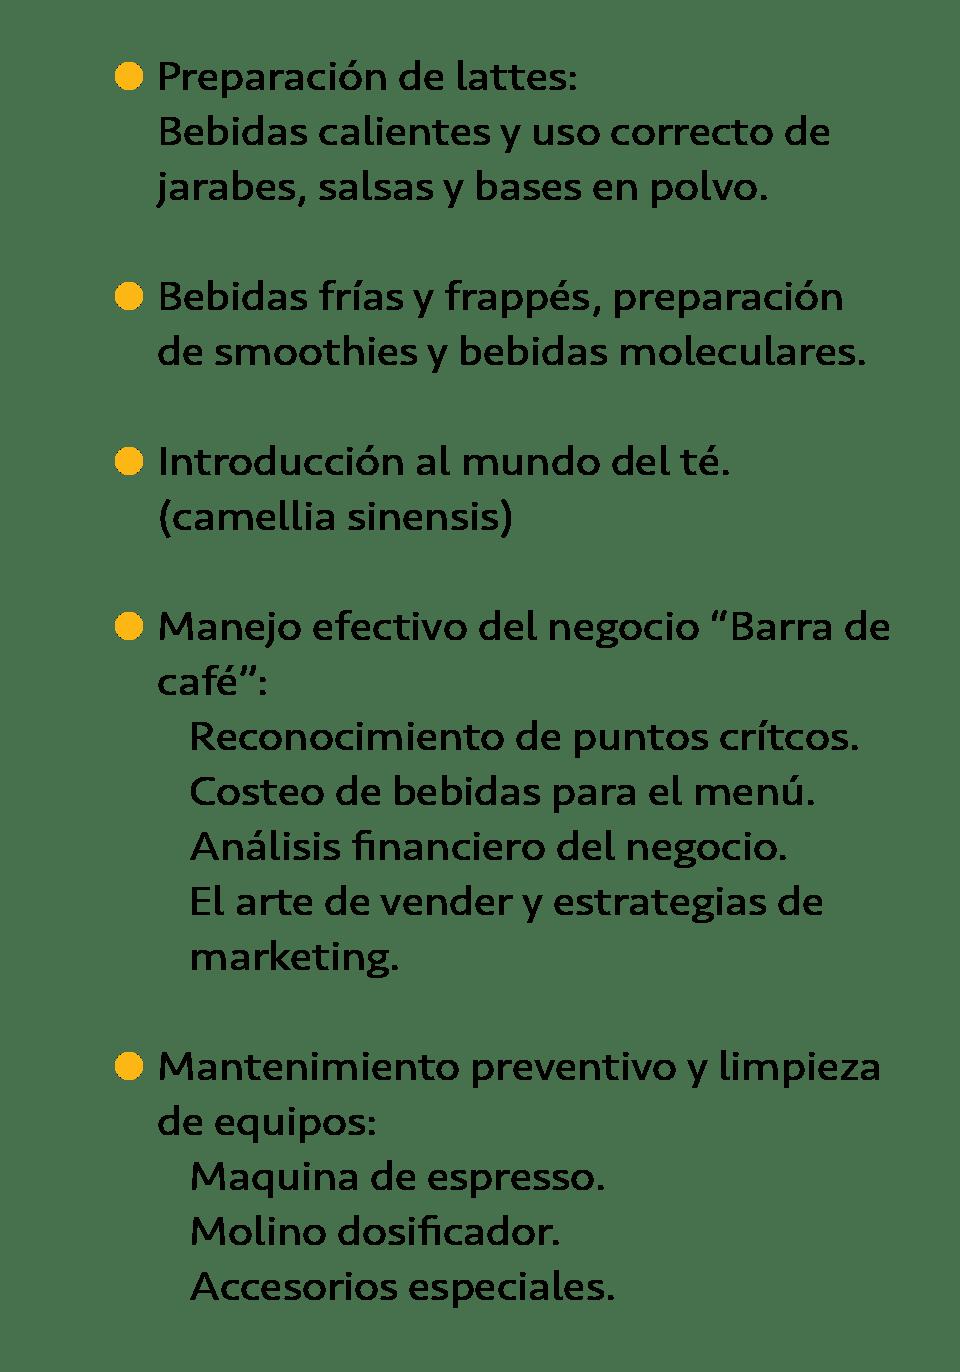 Arranque de barra de café - Emprendiendo m -negocio de una barra de café y cafetería - Aprenderás-02